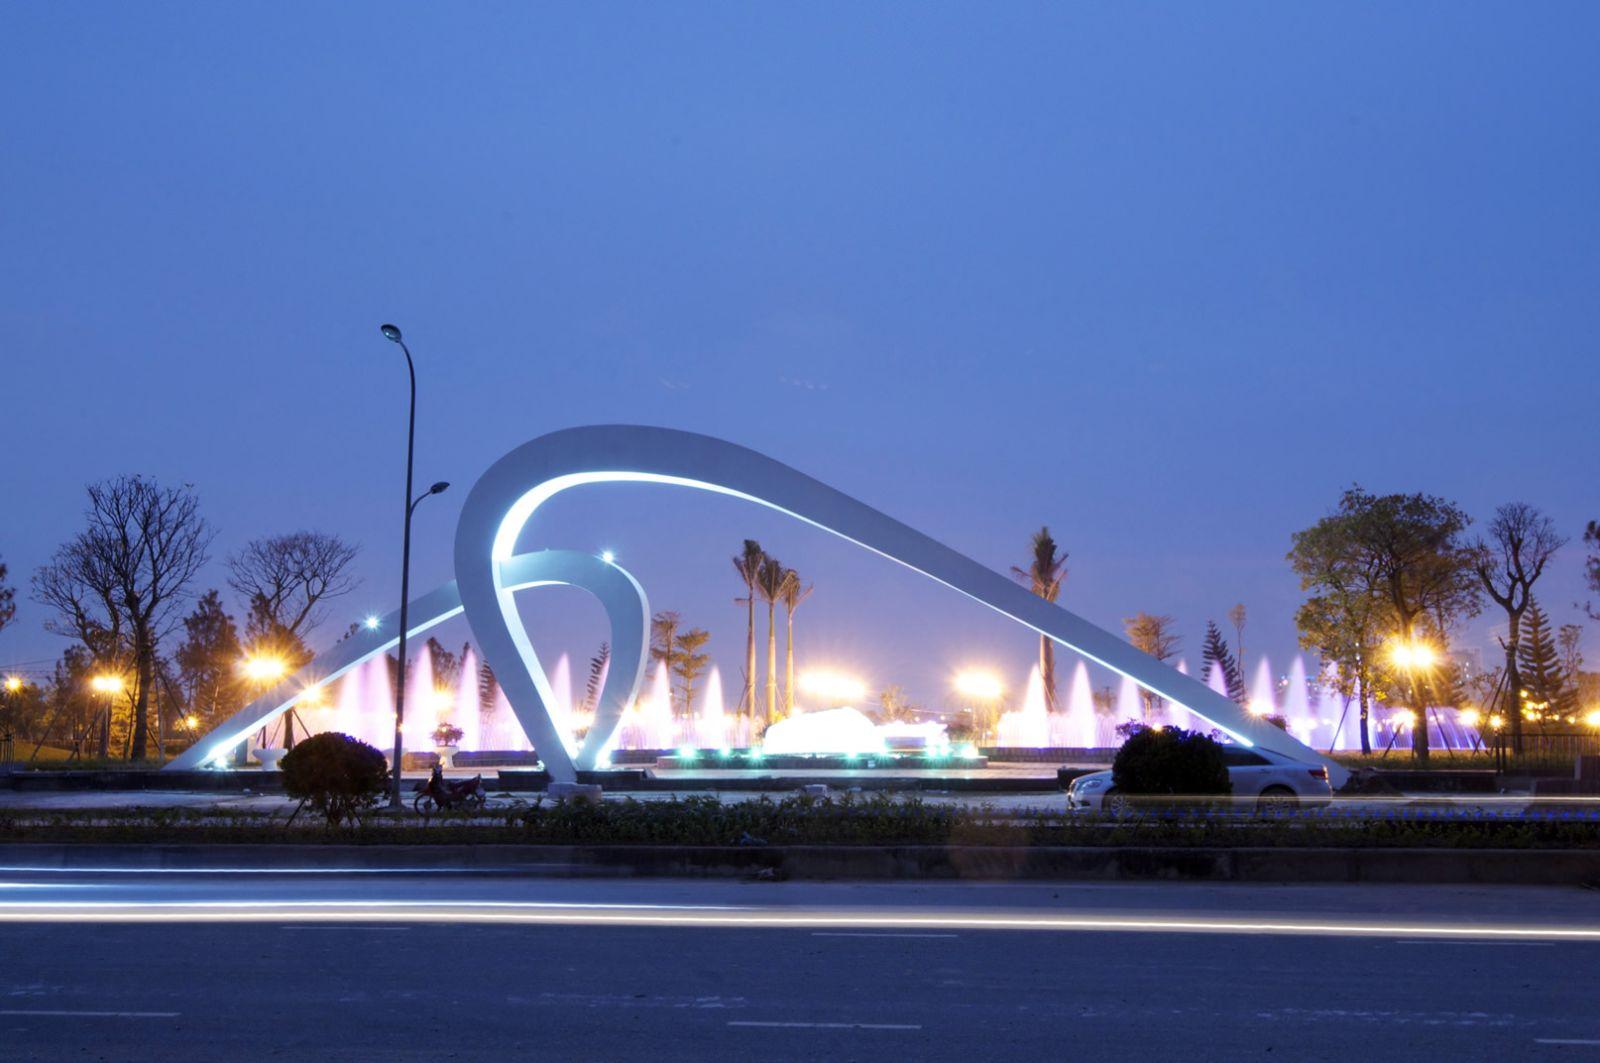 Khám phá tiện ích nội và ngoại khu dự án Chung cư 789 Xuân đỉnh